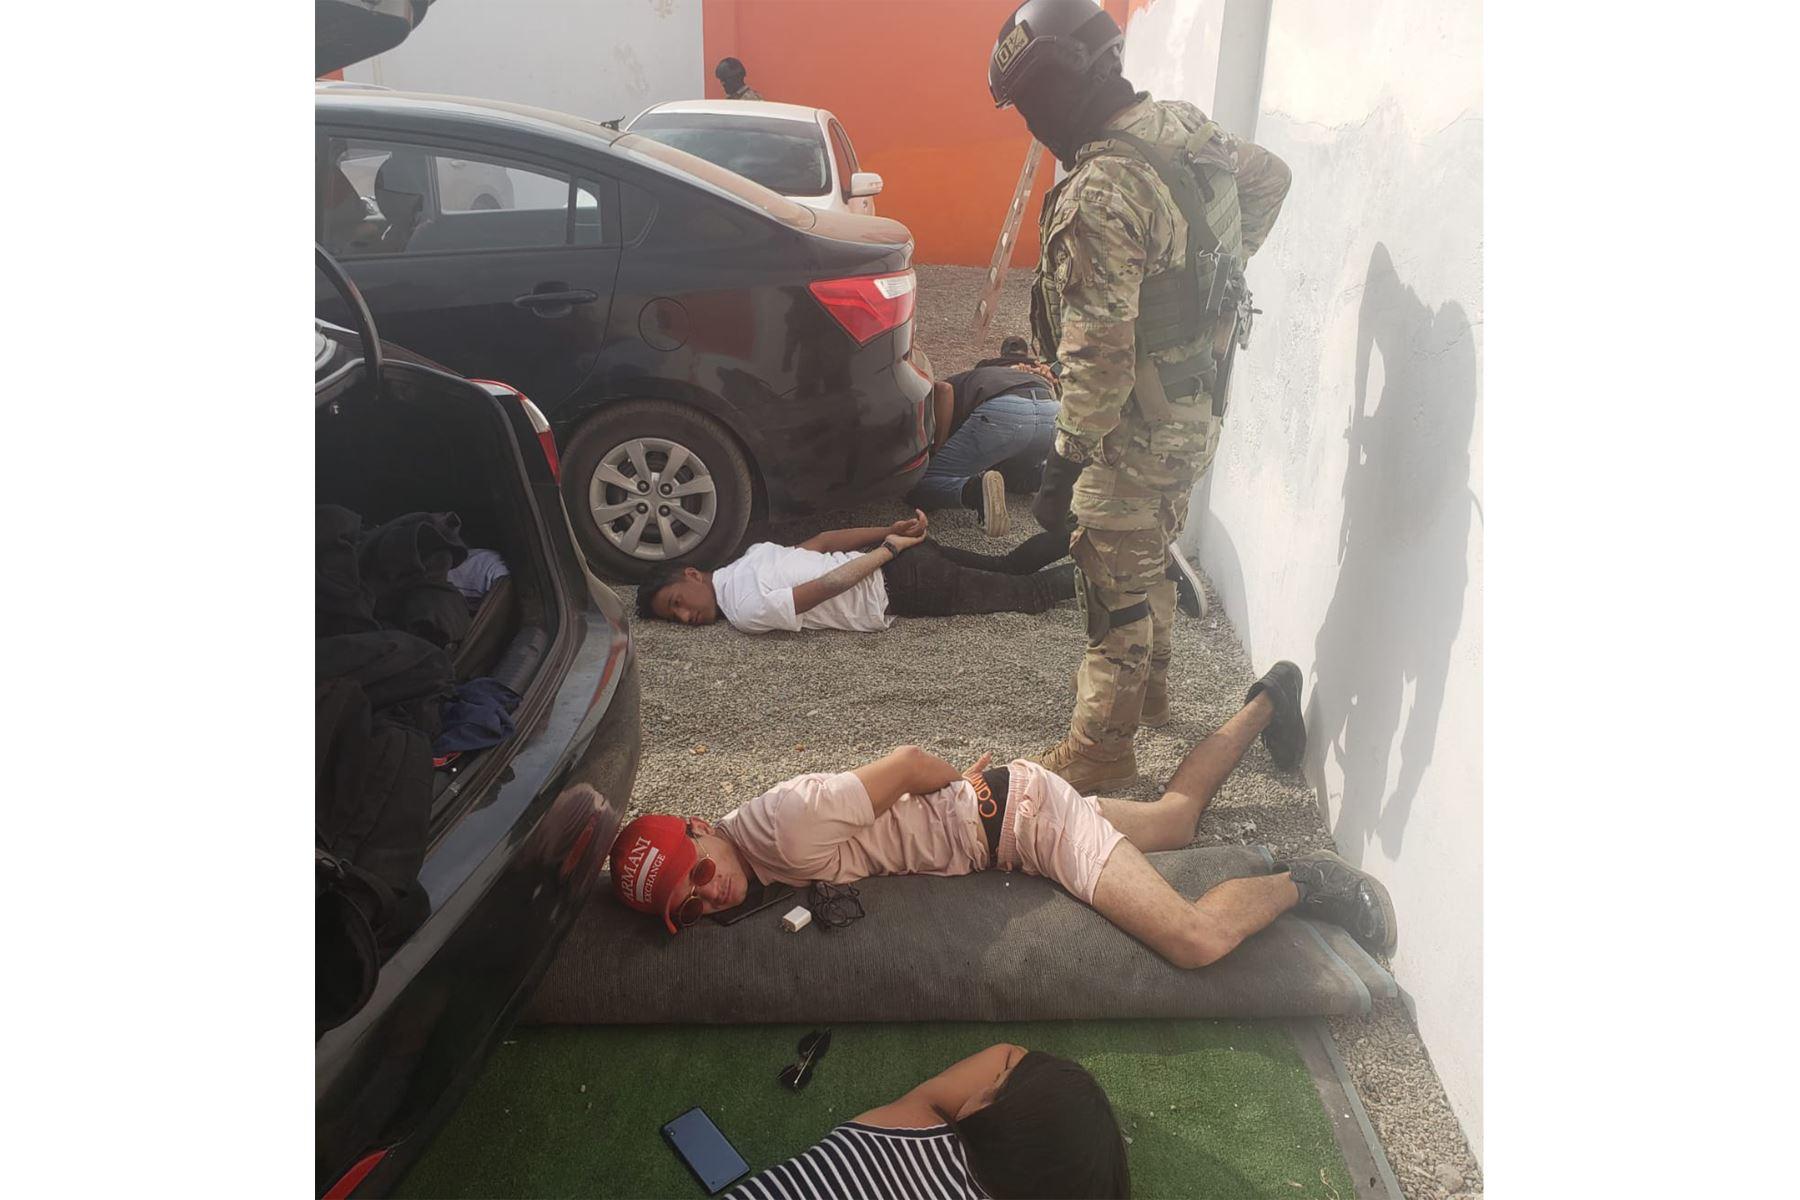 En Punta Negra, agentes de la Dirincri y SUAT de la  intervinieron a unos 30 extranjeros en el Hotel Rojo, lugar usado como búnker para planear atracos. Operación continúa. Hasta el momento, se incautó 10 armas y 3 vehículos. Foto: ANDINA/Difusión